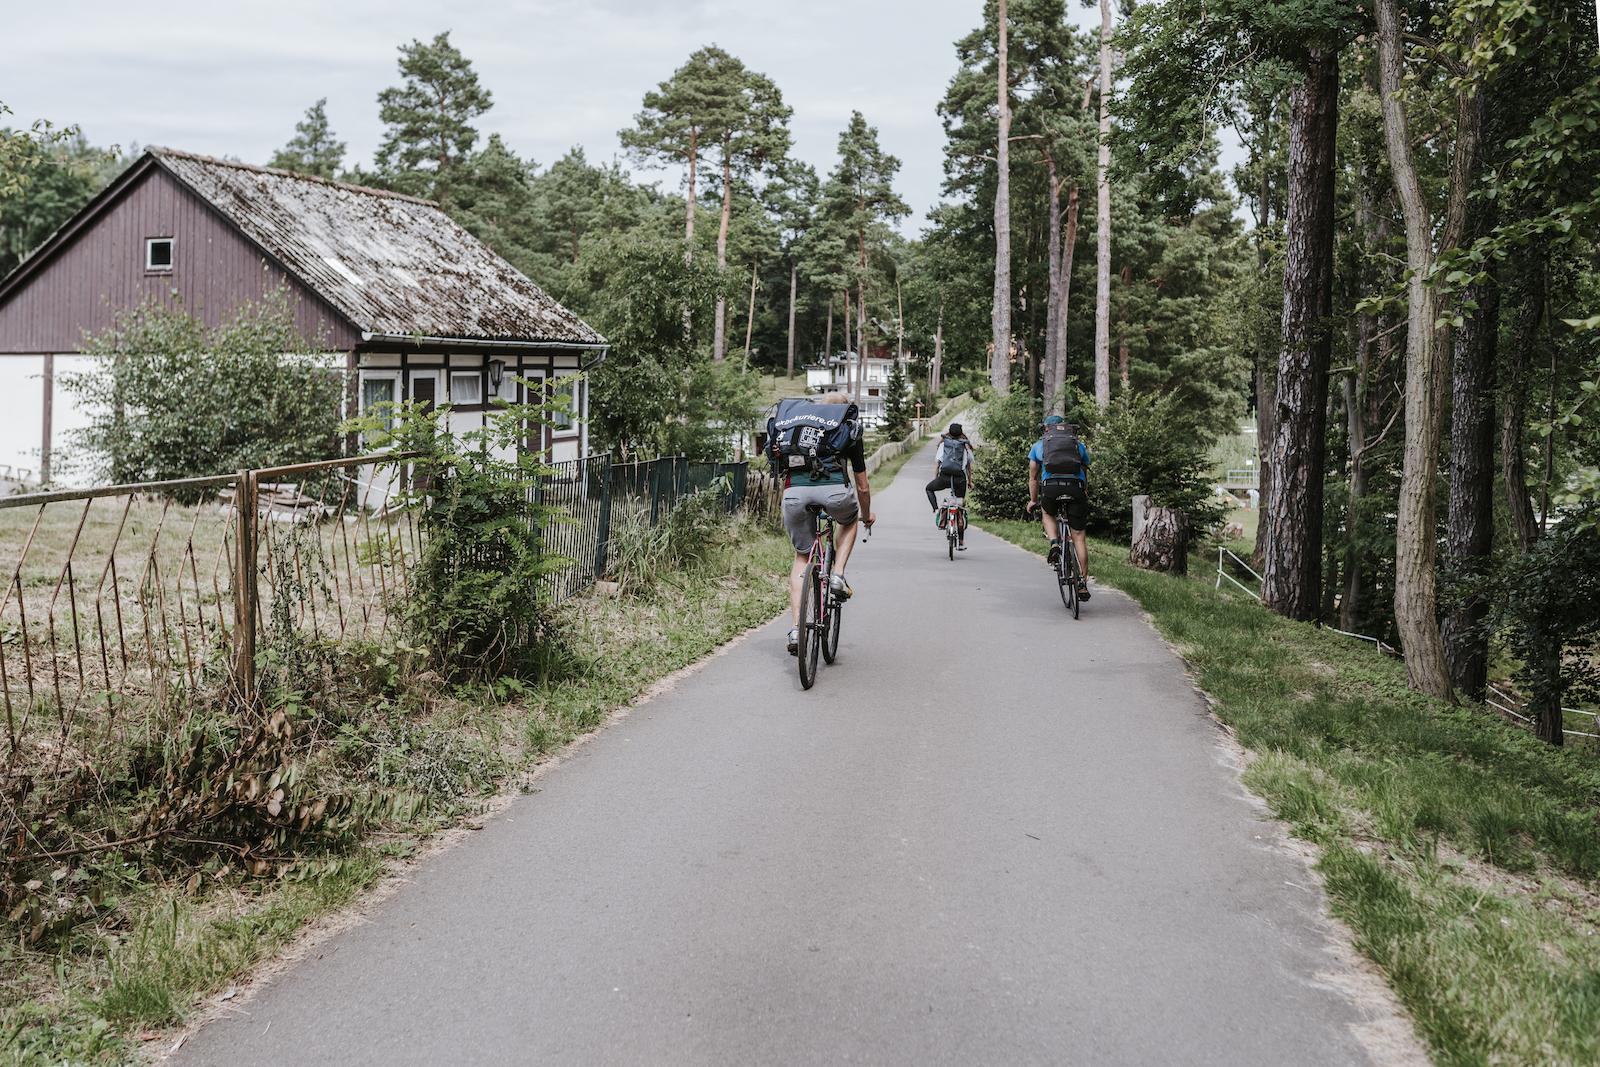 wecyclebrandenburg_(c)Madlen_Krippendorf_hohenlychen2.jpg